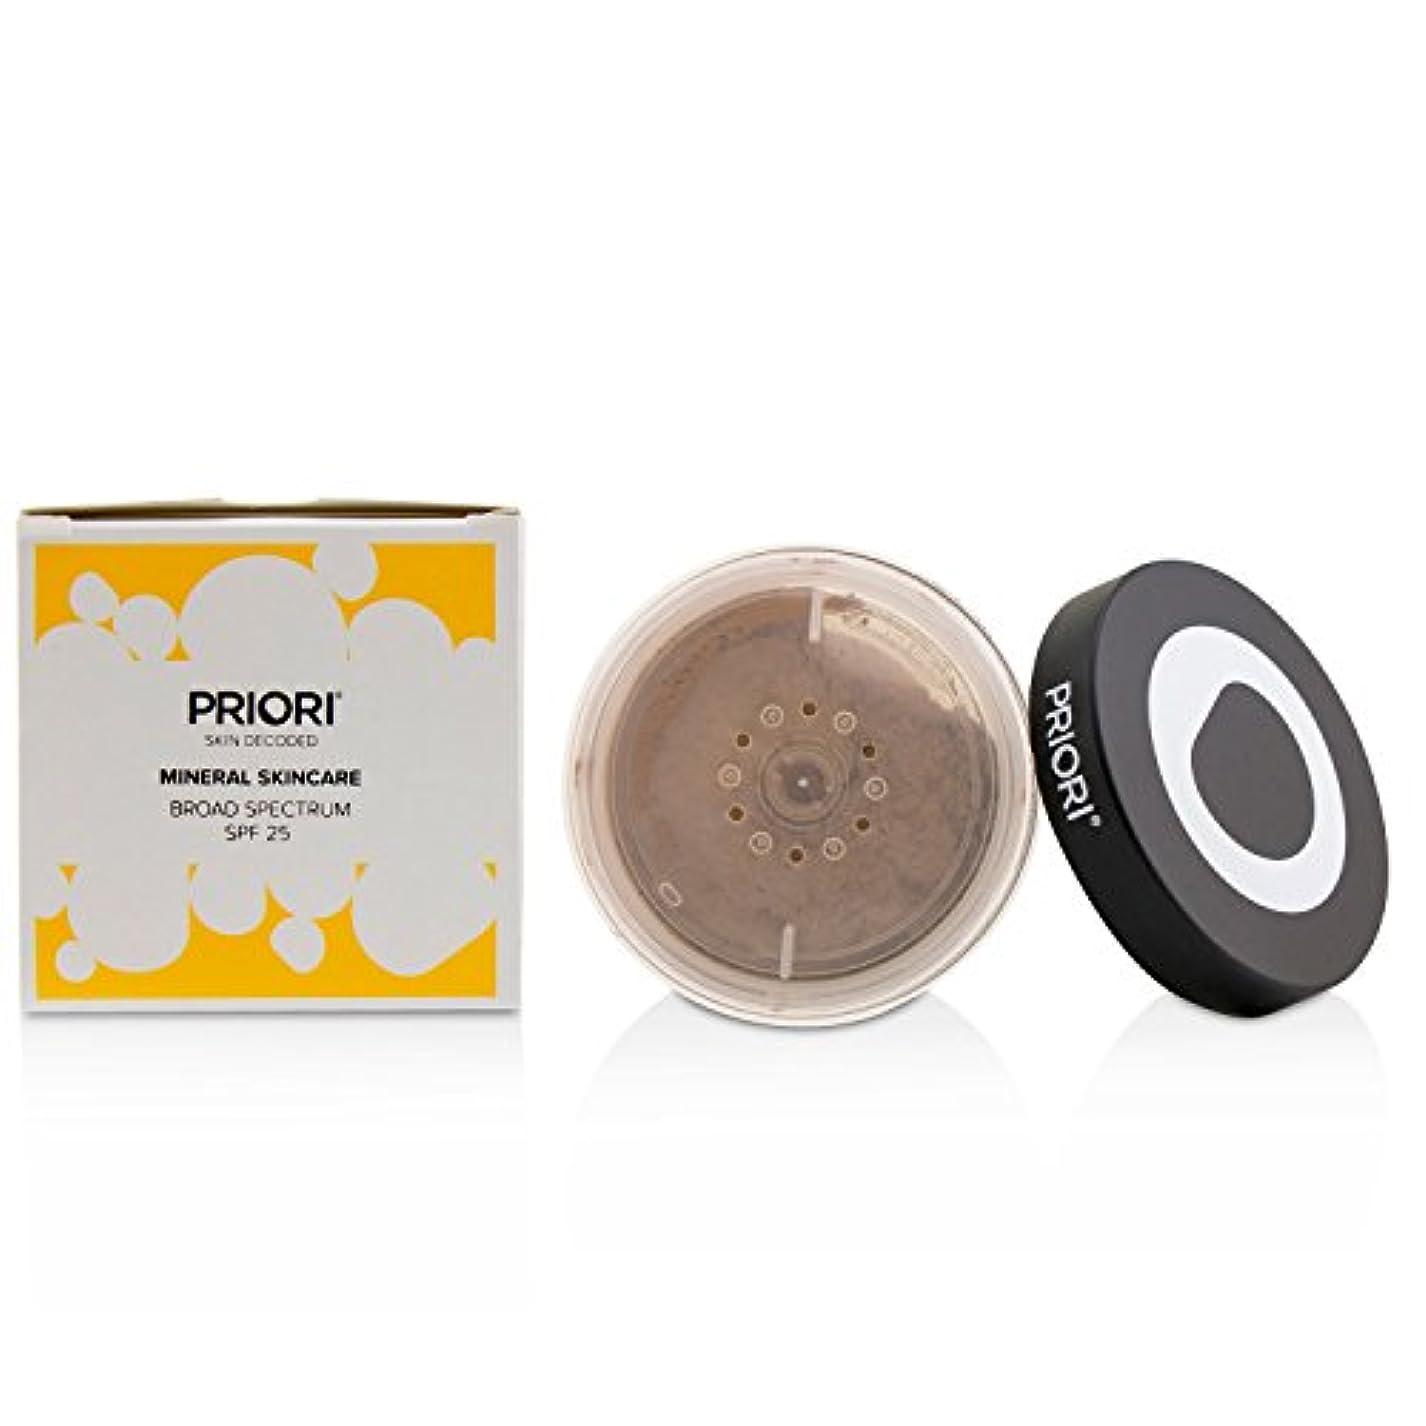 エーカーそんなに個人プリオリ Mineral Skincare Broad Spectrum SPF25 - # Shade 5 5g/0.17oz並行輸入品